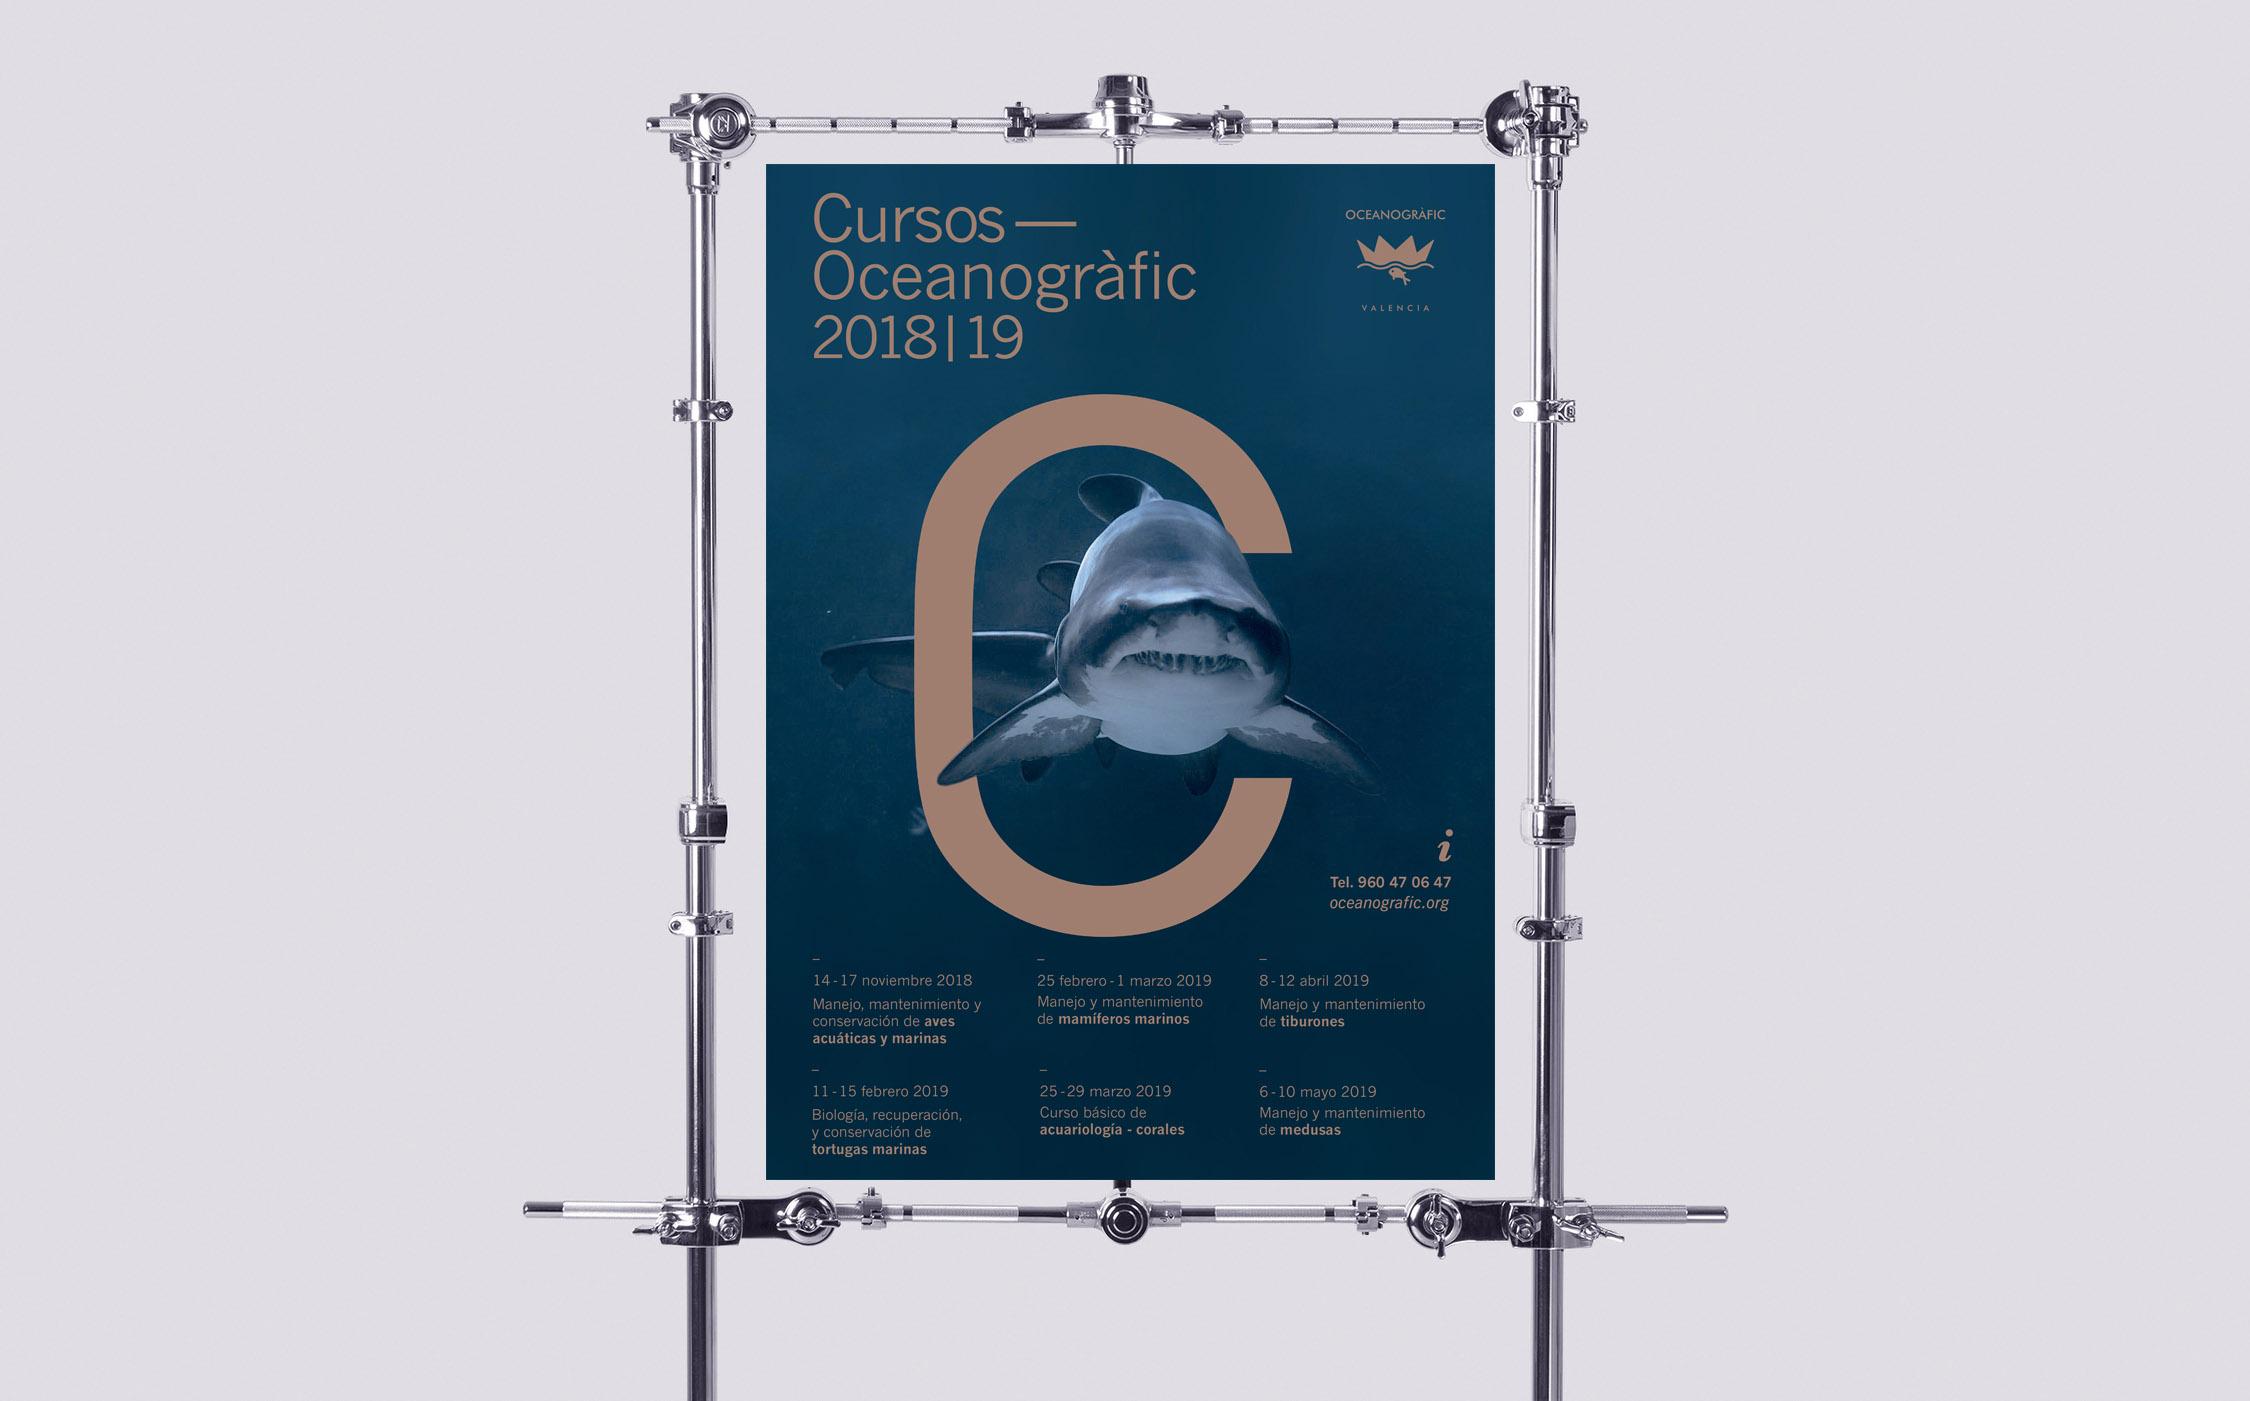 Cursos_Oceanografic_Tiburon_Opt